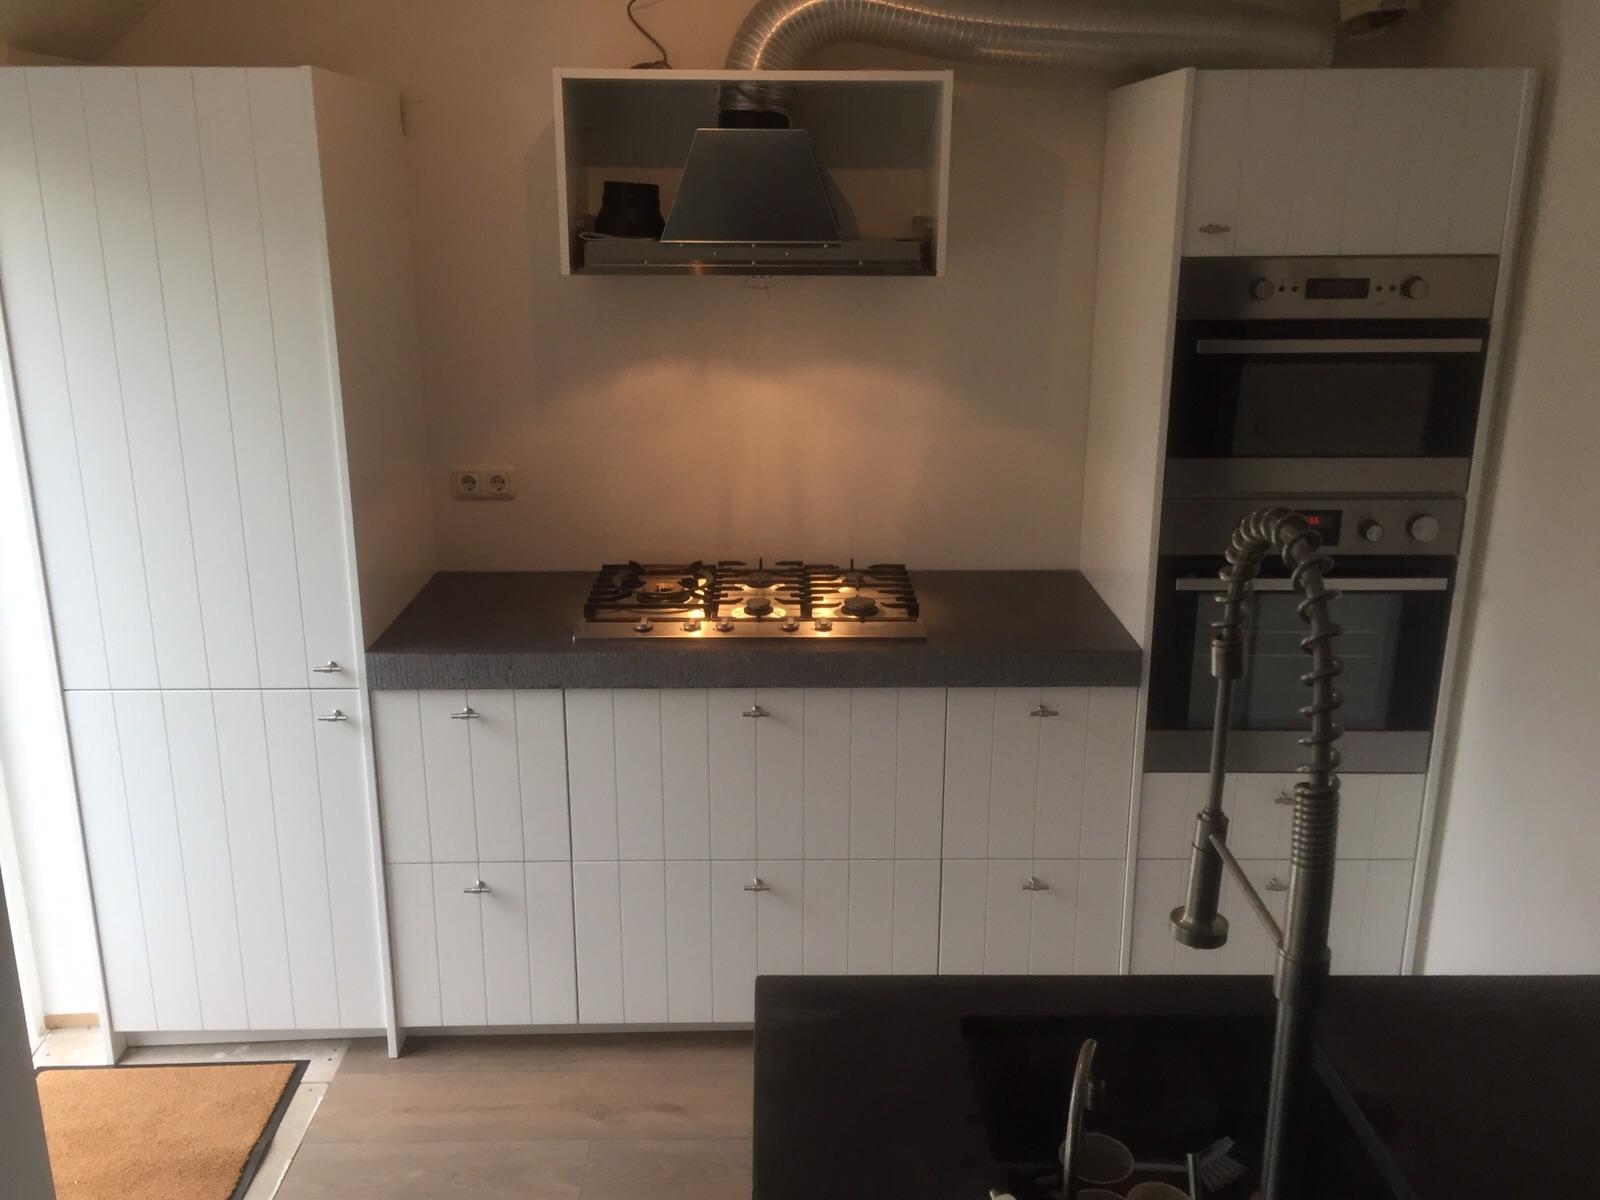 keuken met inbouwapparatuur.JPG